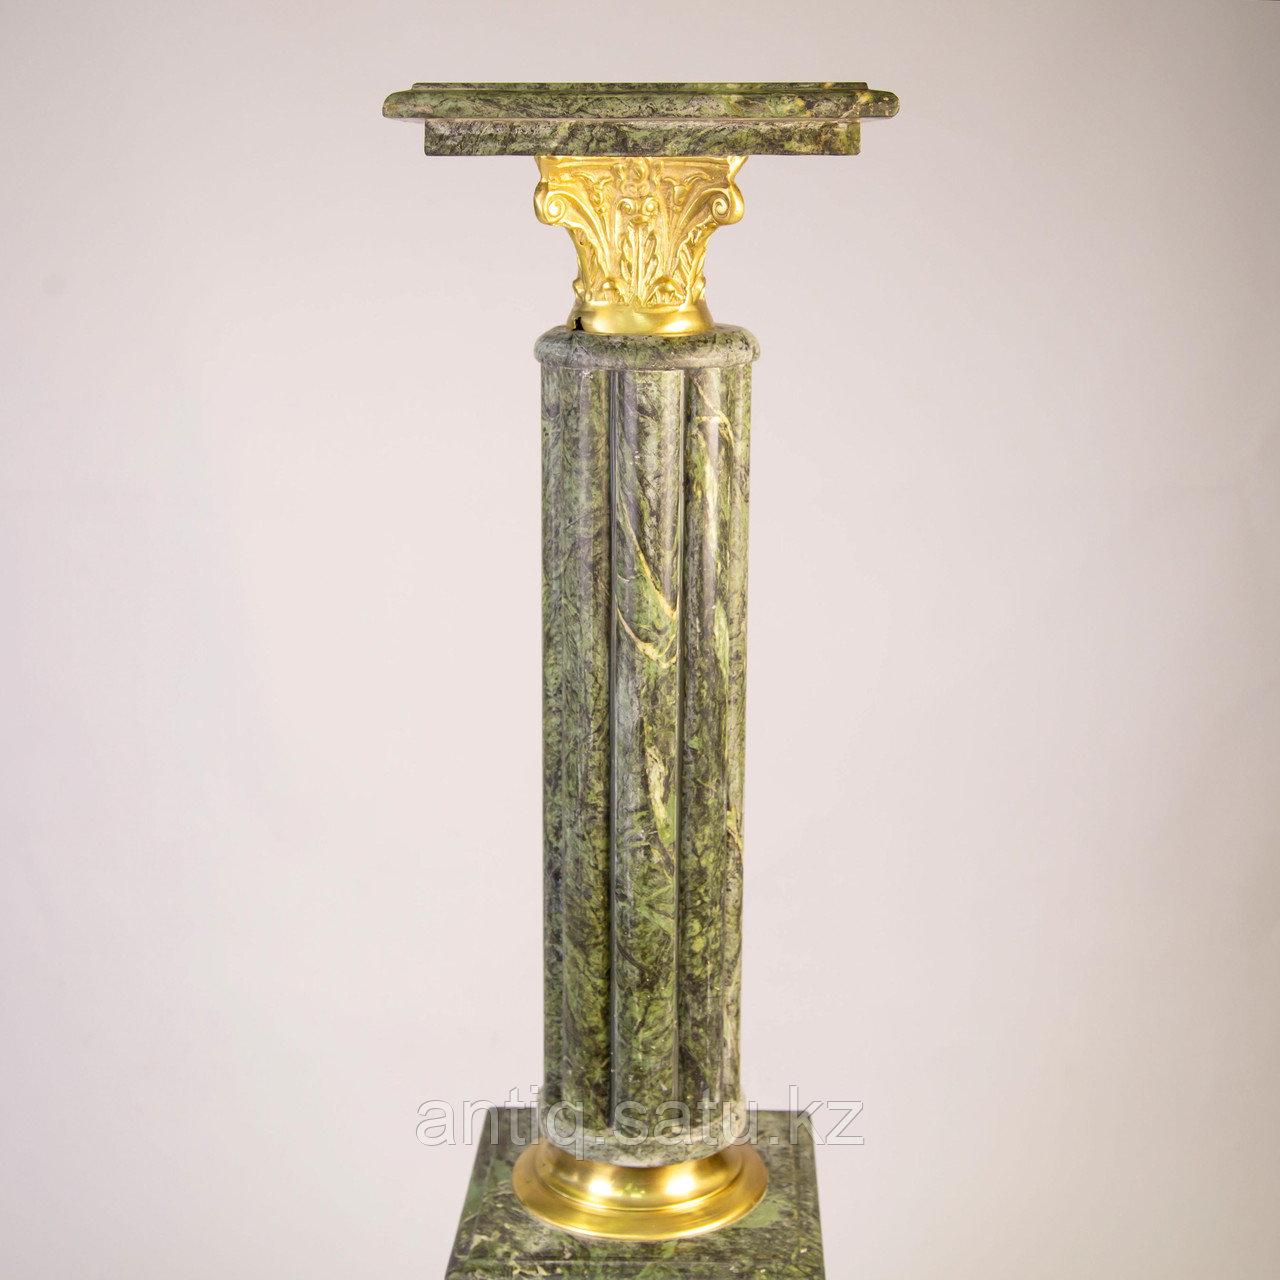 Пара колонн в дворцовом стиле. Подставки под дорогие вазы или фигуры. - фото 2